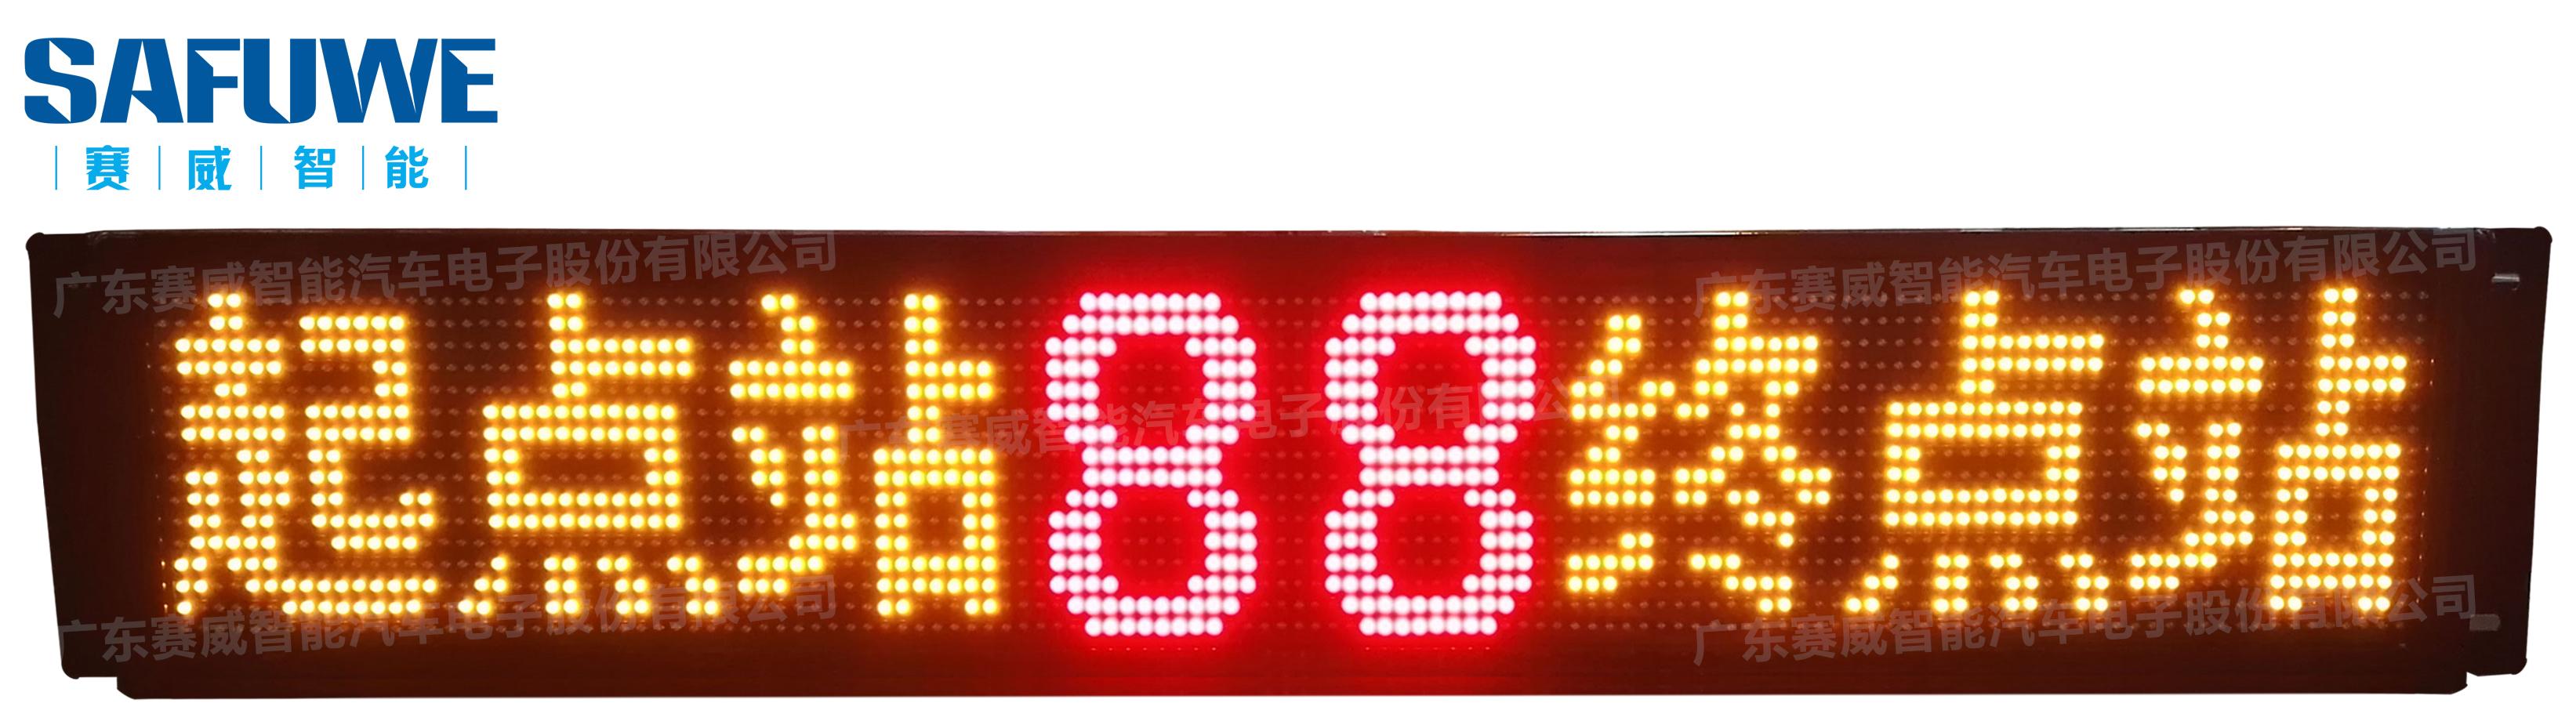 公交LED8字尾牌